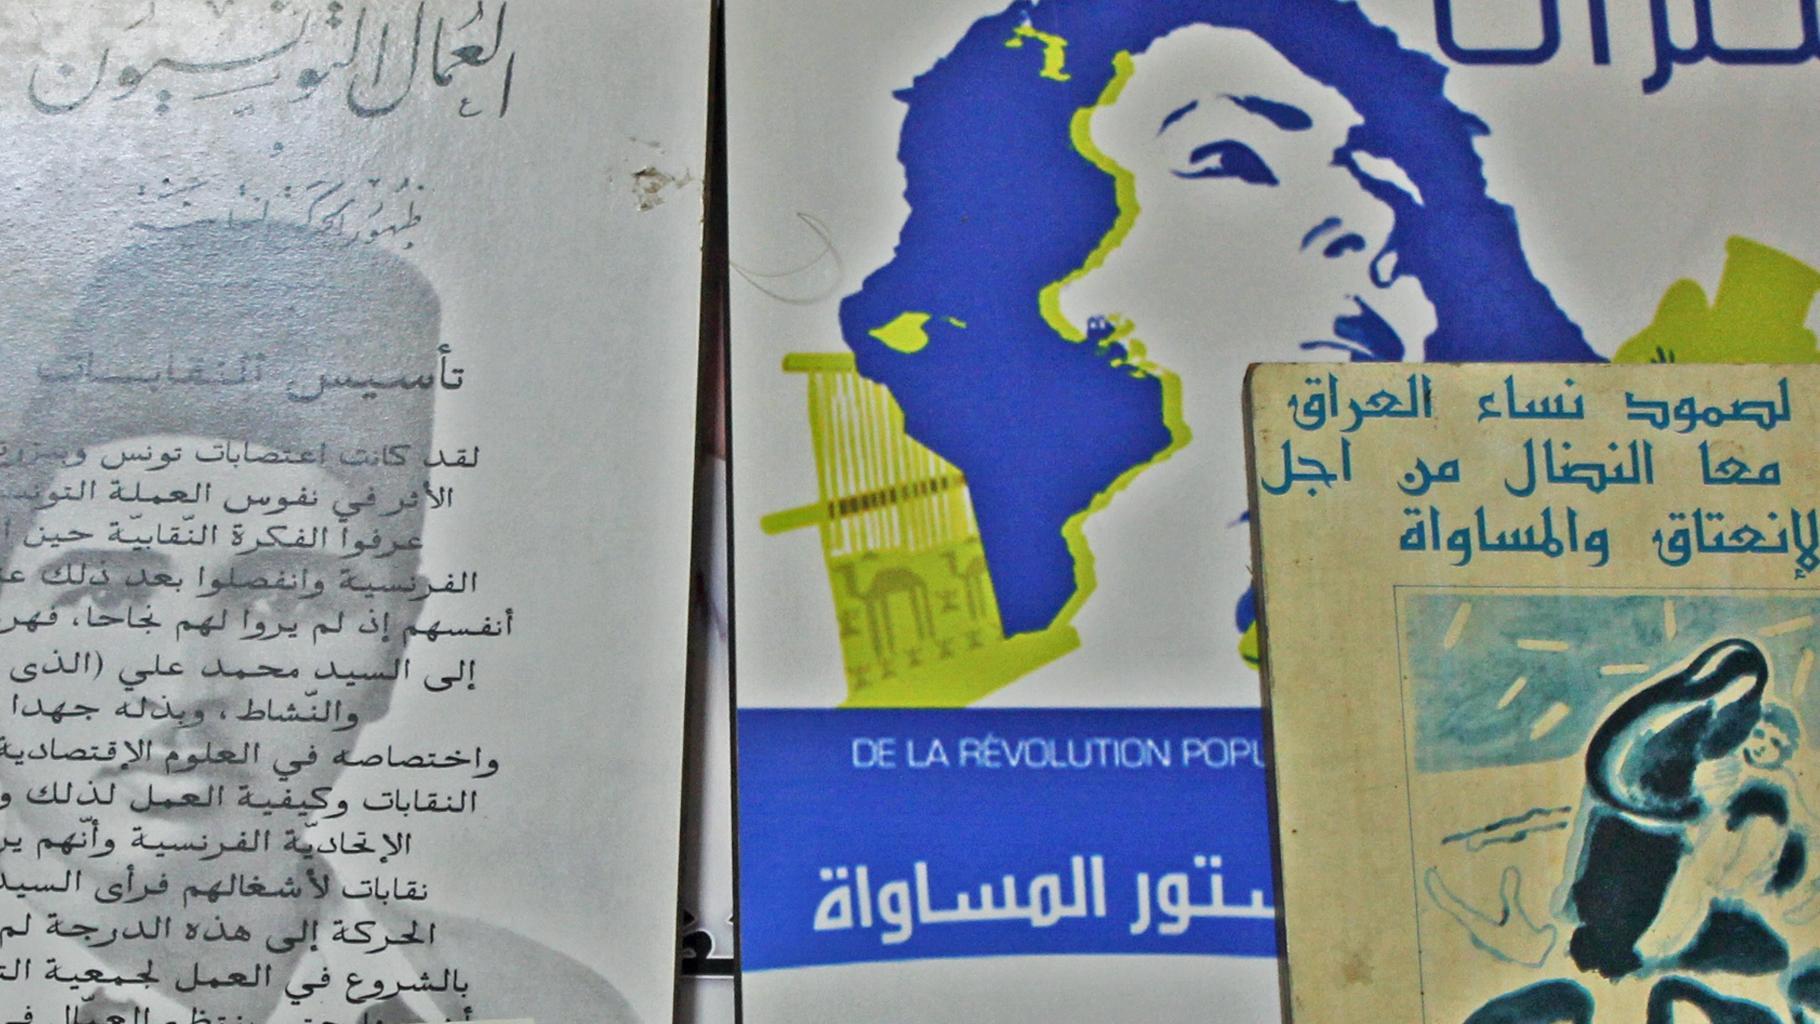 Plakate der Organisation ATFD